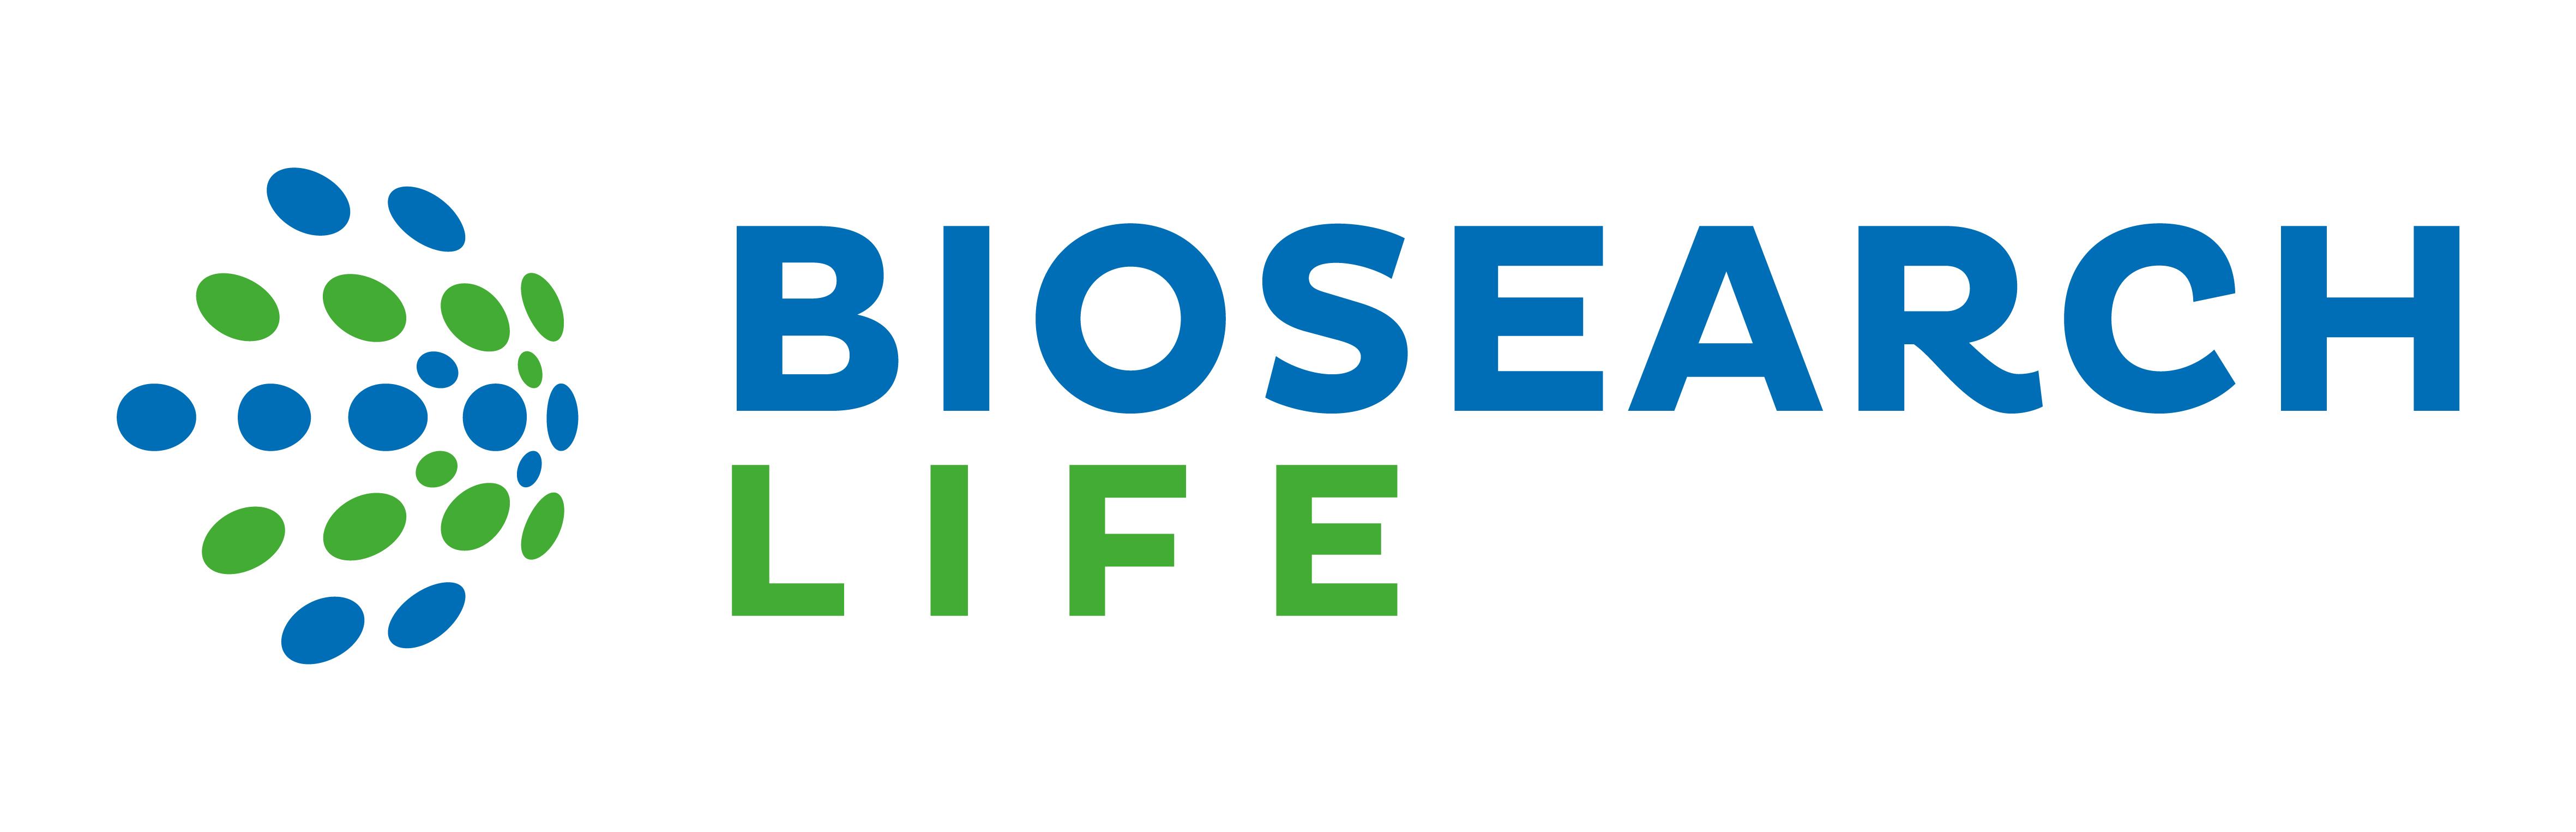 biosearch-life